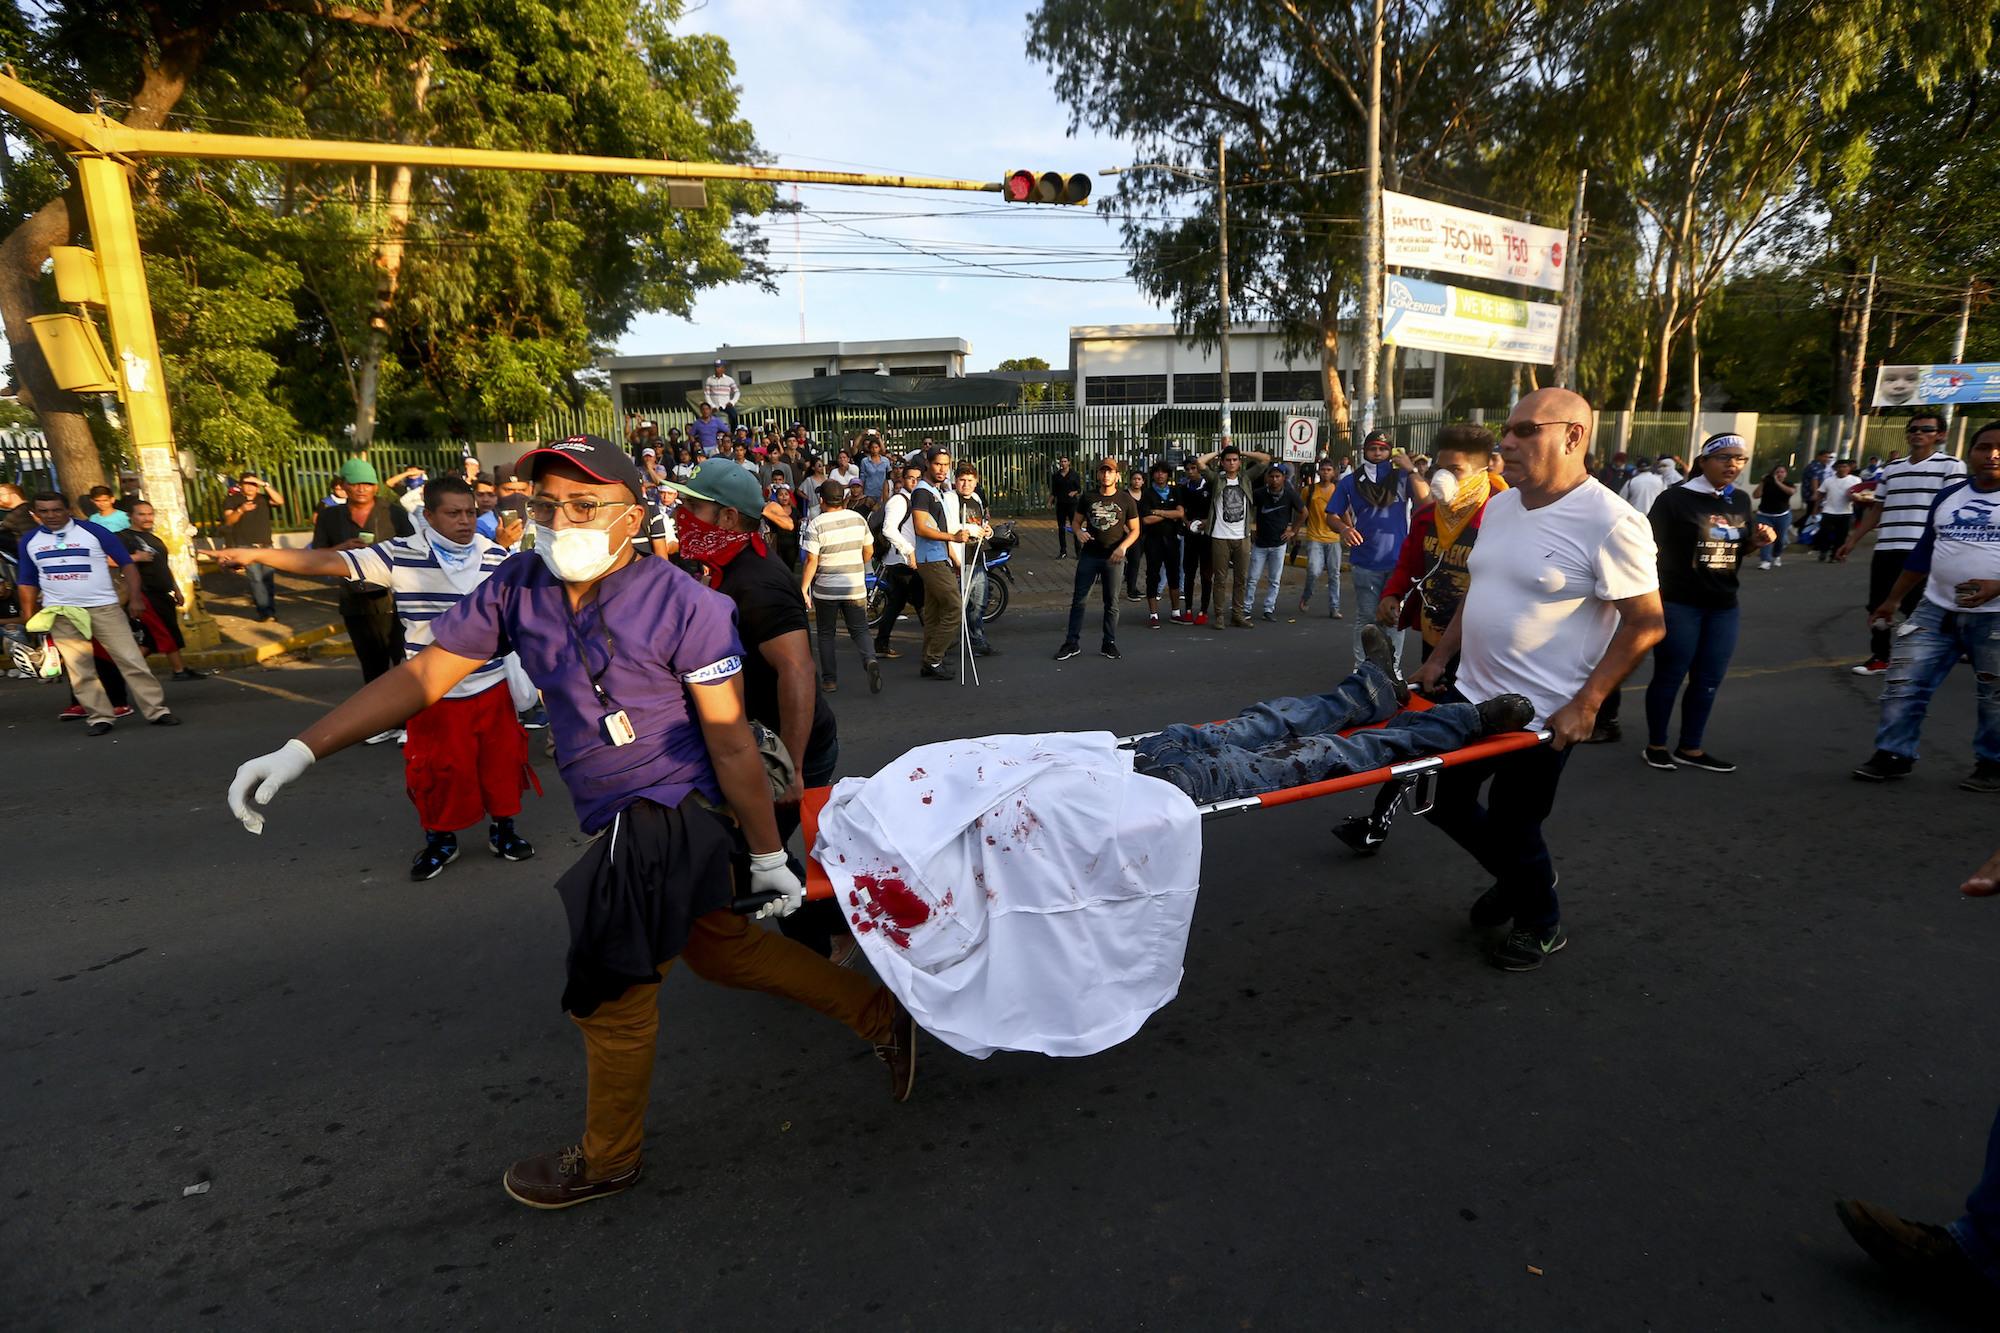 Las atenciones prehospitalarias realizadas por estudiantes de medicina y paramédicos voluntarios. Foto: tomada de Univisión